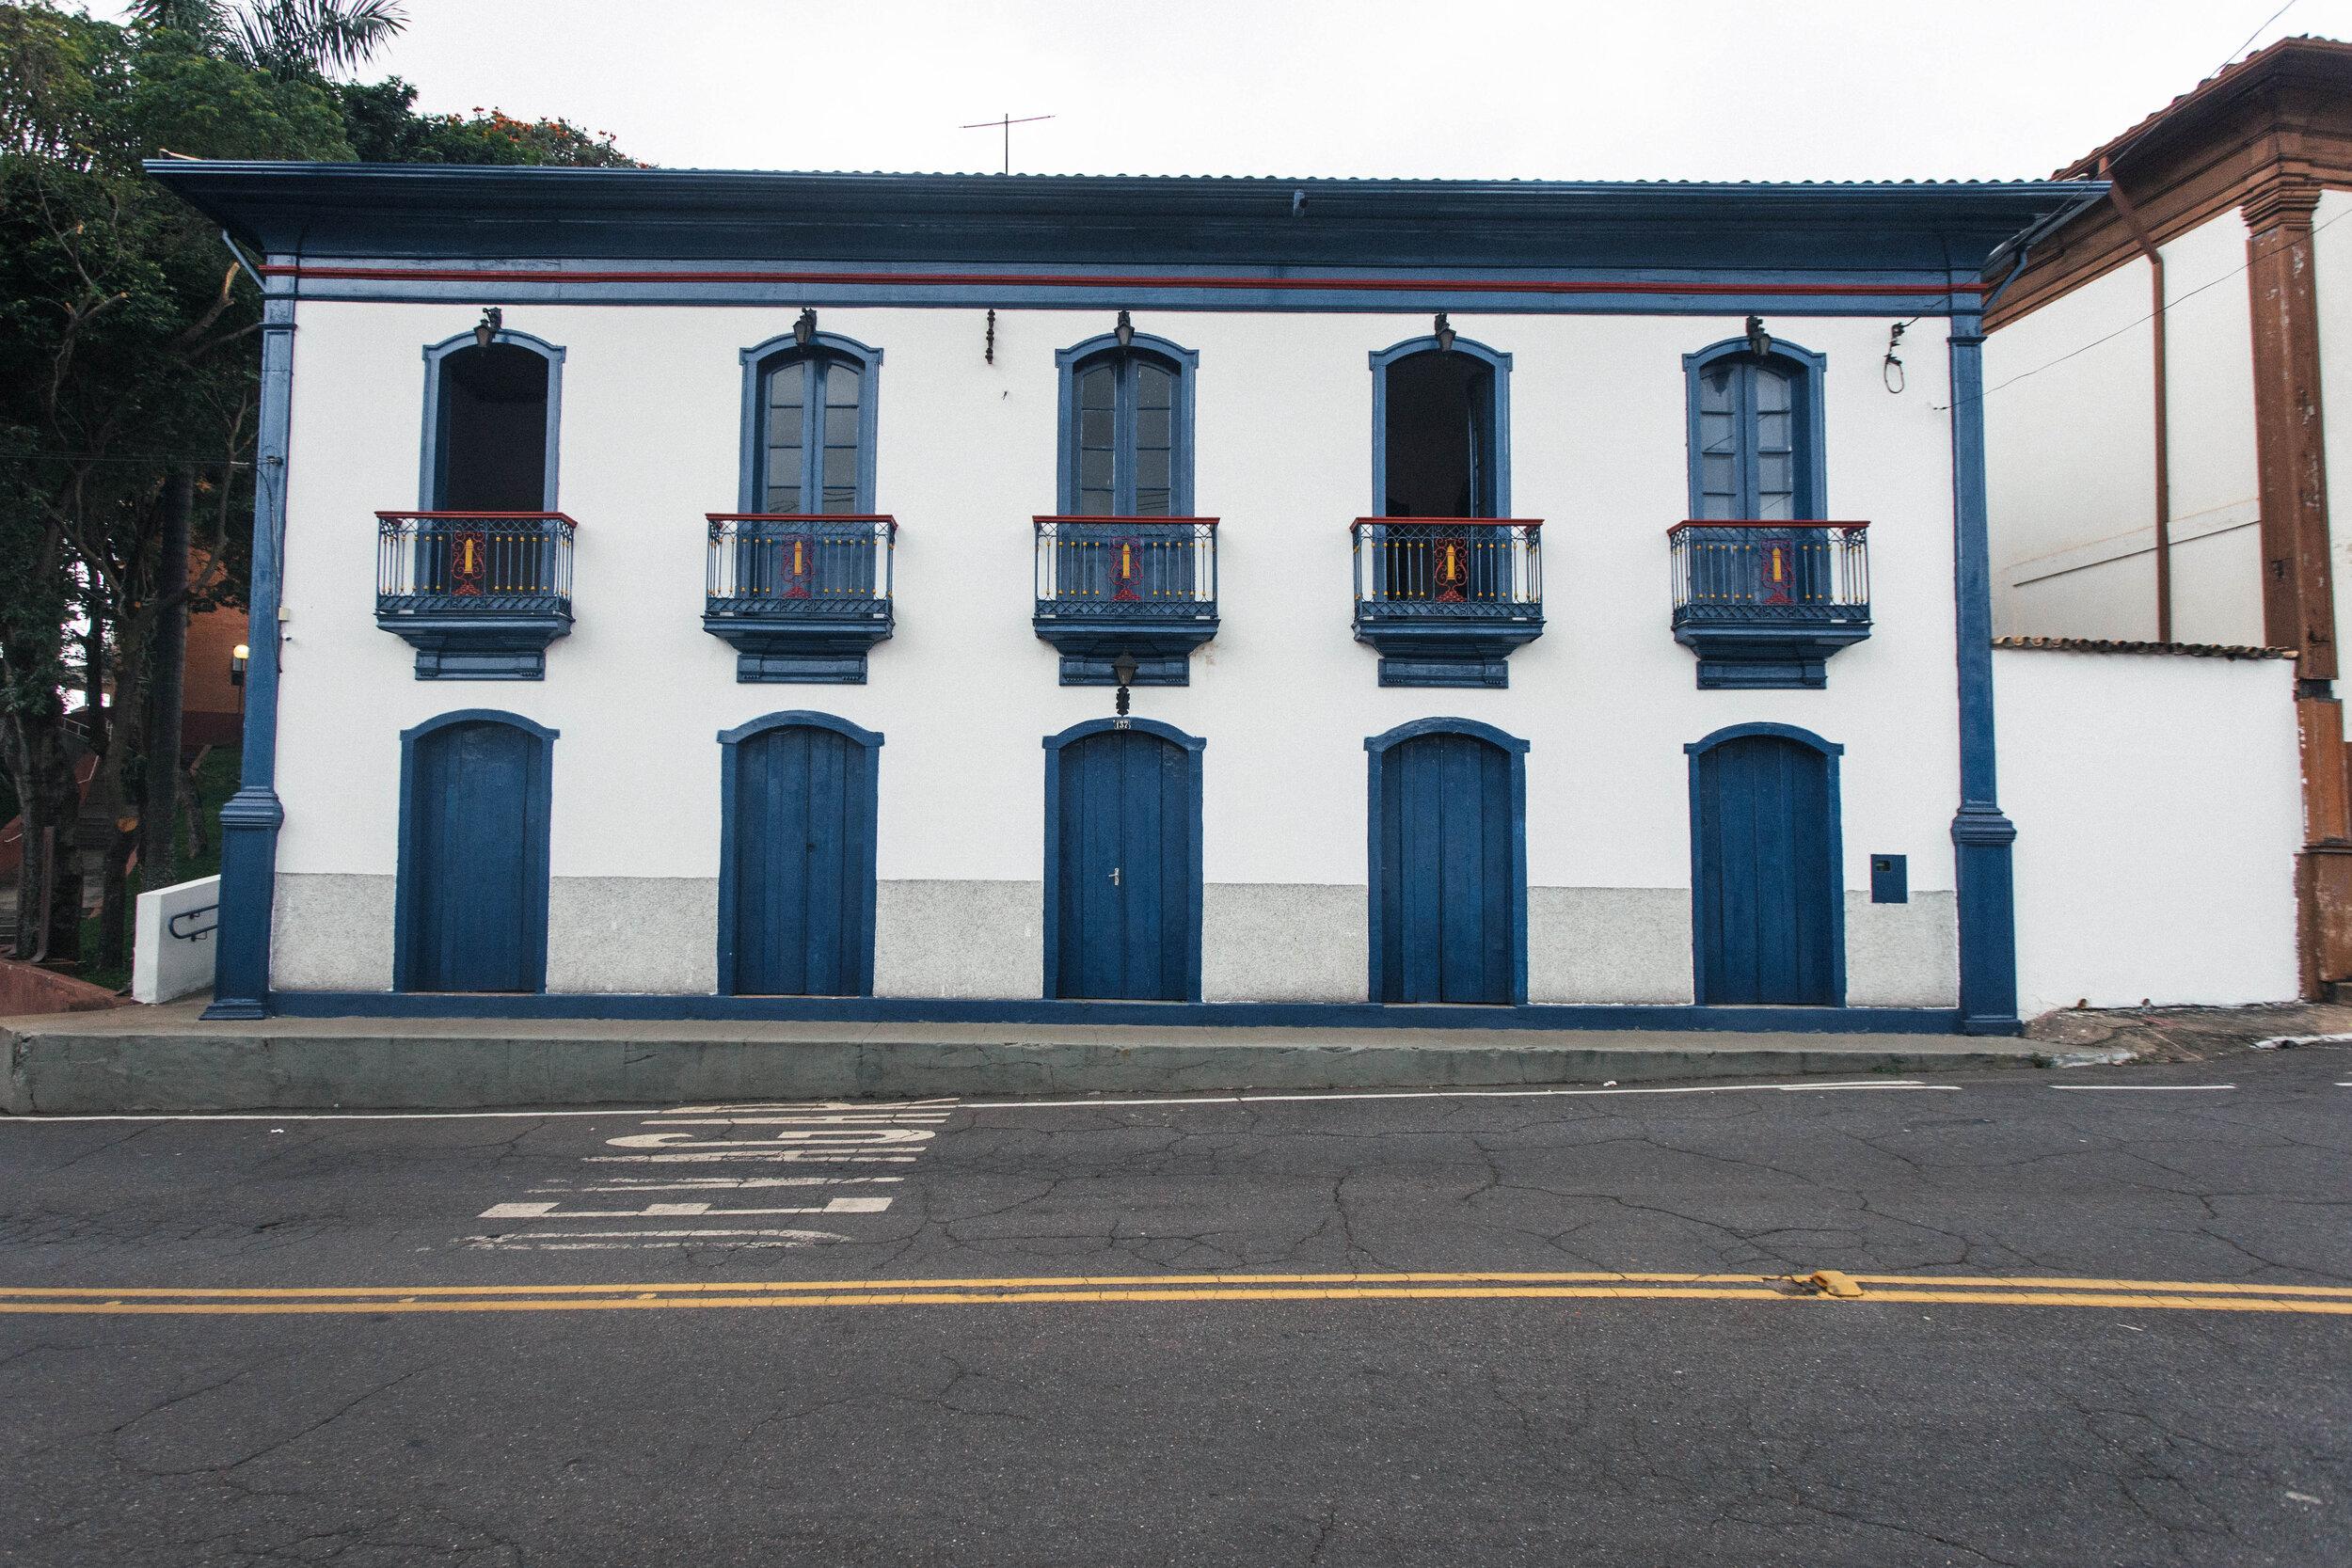 Casa de Drummond - Itabira - MG